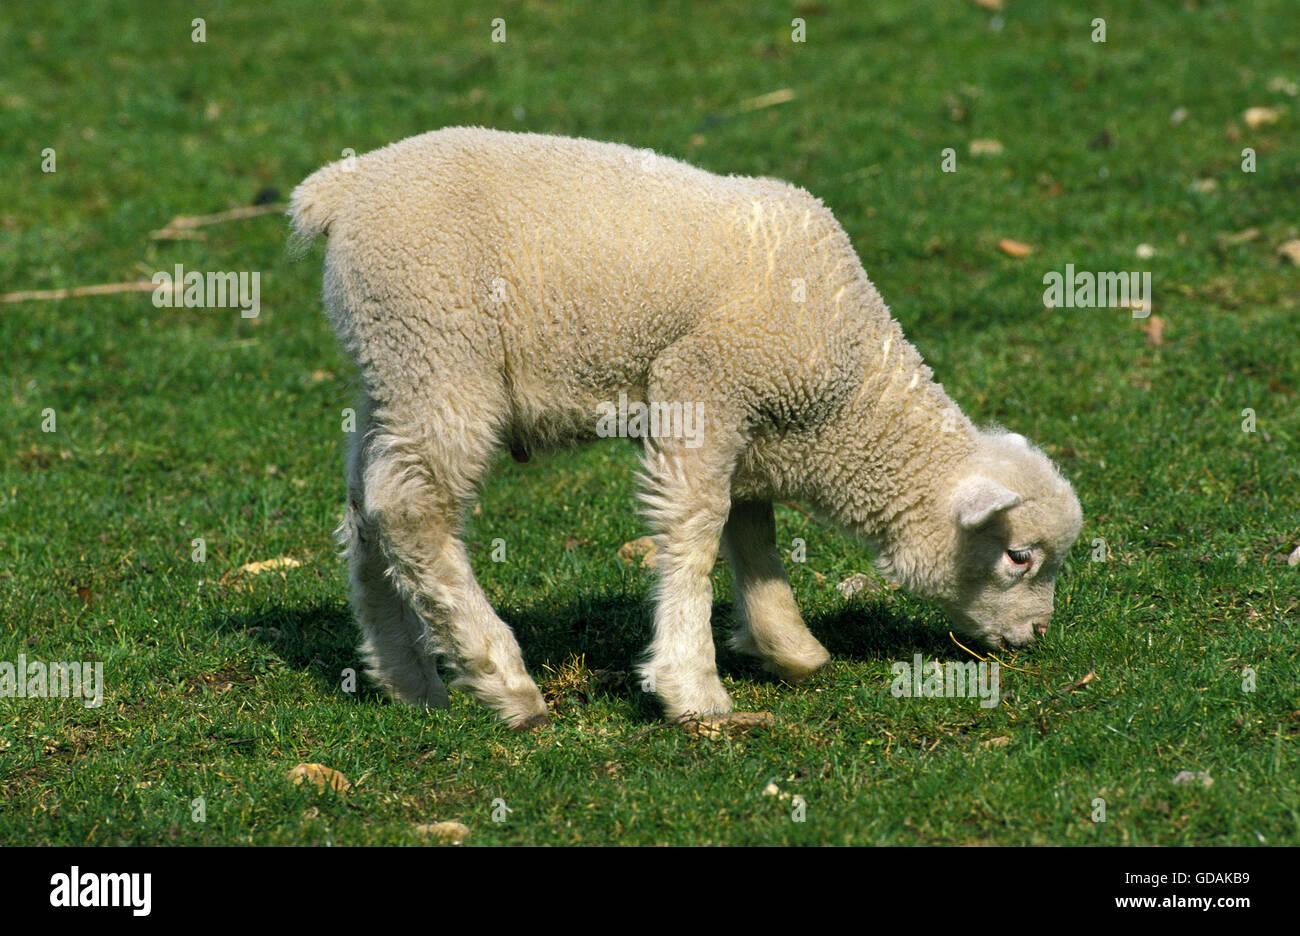 lamb eating grass stock photos u0026 lamb eating grass stock images